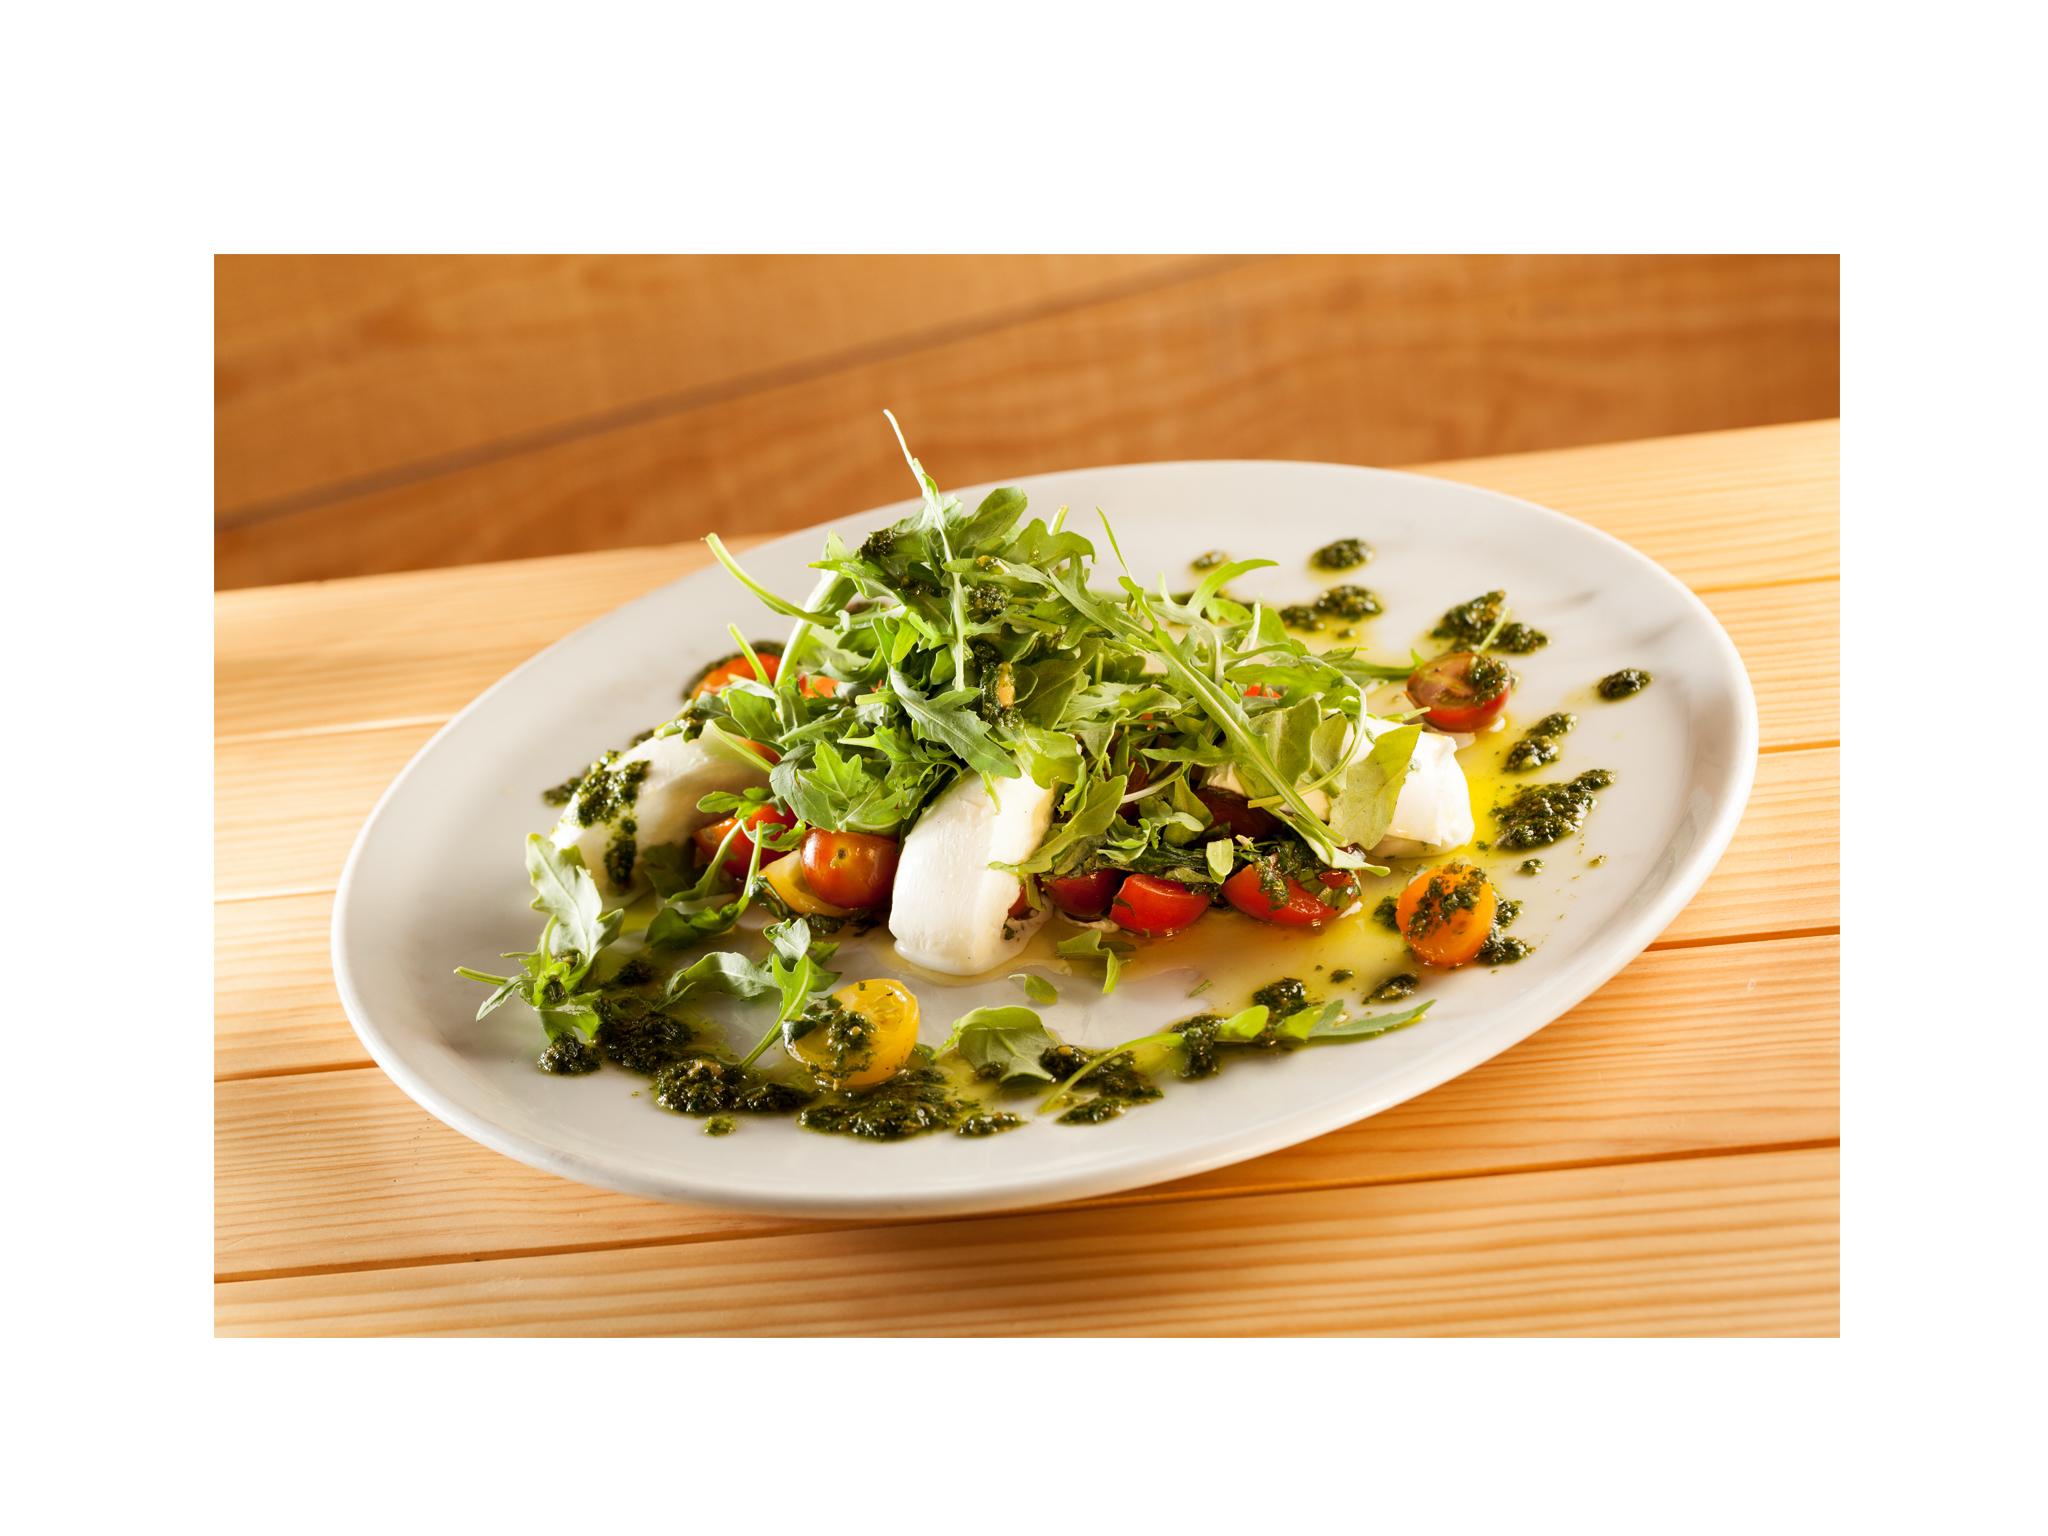 Insalata caprese di 5 pomodorini al basilico e mozzarella di bufala D.O.P della Campania